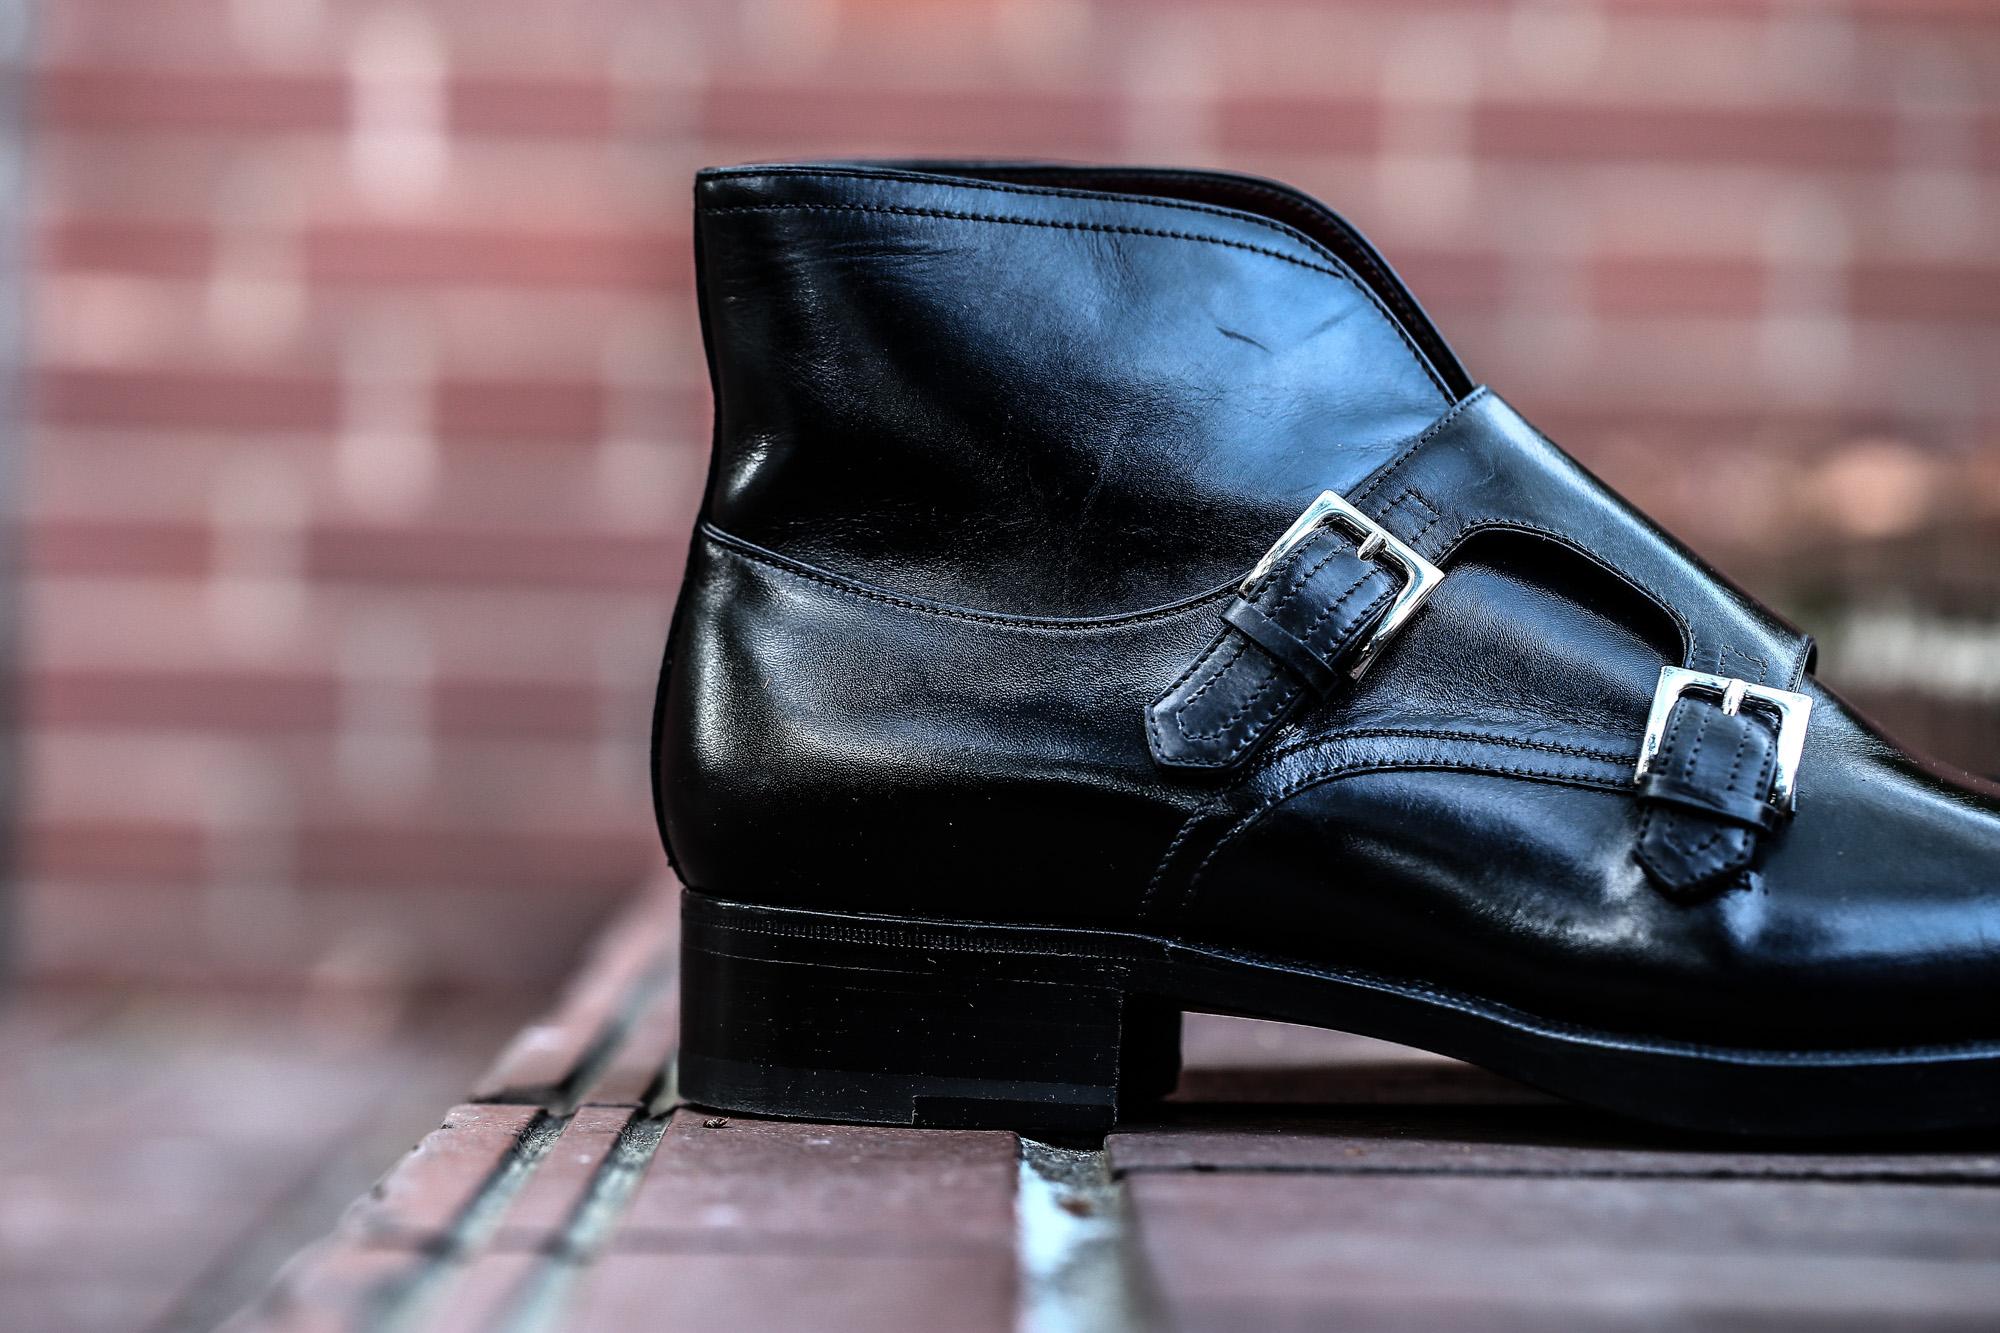 ENZO BONAFE (エンツォボナフェ) ART.EB-18 Double Monk Strap Boots Du Puy Vitello デュプイ社ボックスカーフ ダブルモンクストラップブーツ NERO (ブラック) made in italy (イタリア製) 2018 春夏新作 enzobonafe ダブルモンク ドレス ボナフェ レザーシューズ 愛知 名古屋 ZODIAC ゾディアック